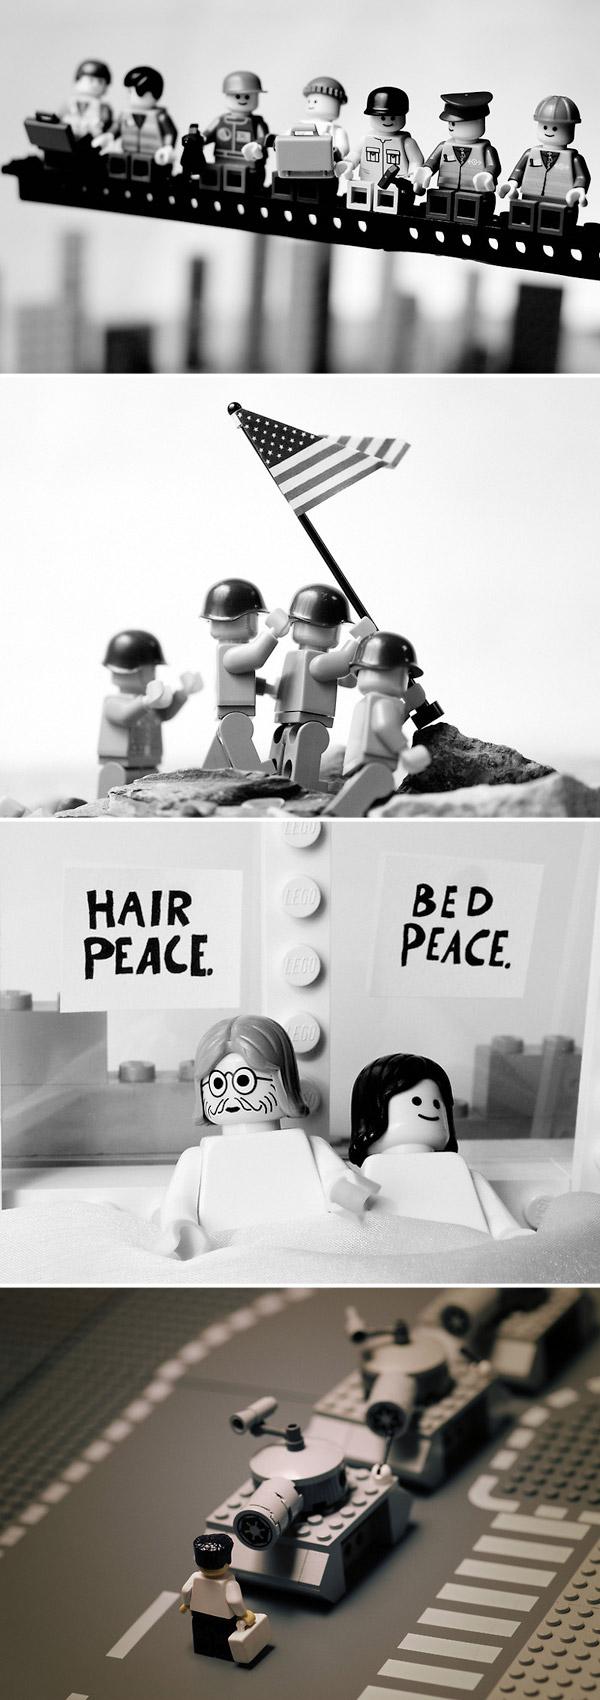 Lego_photo